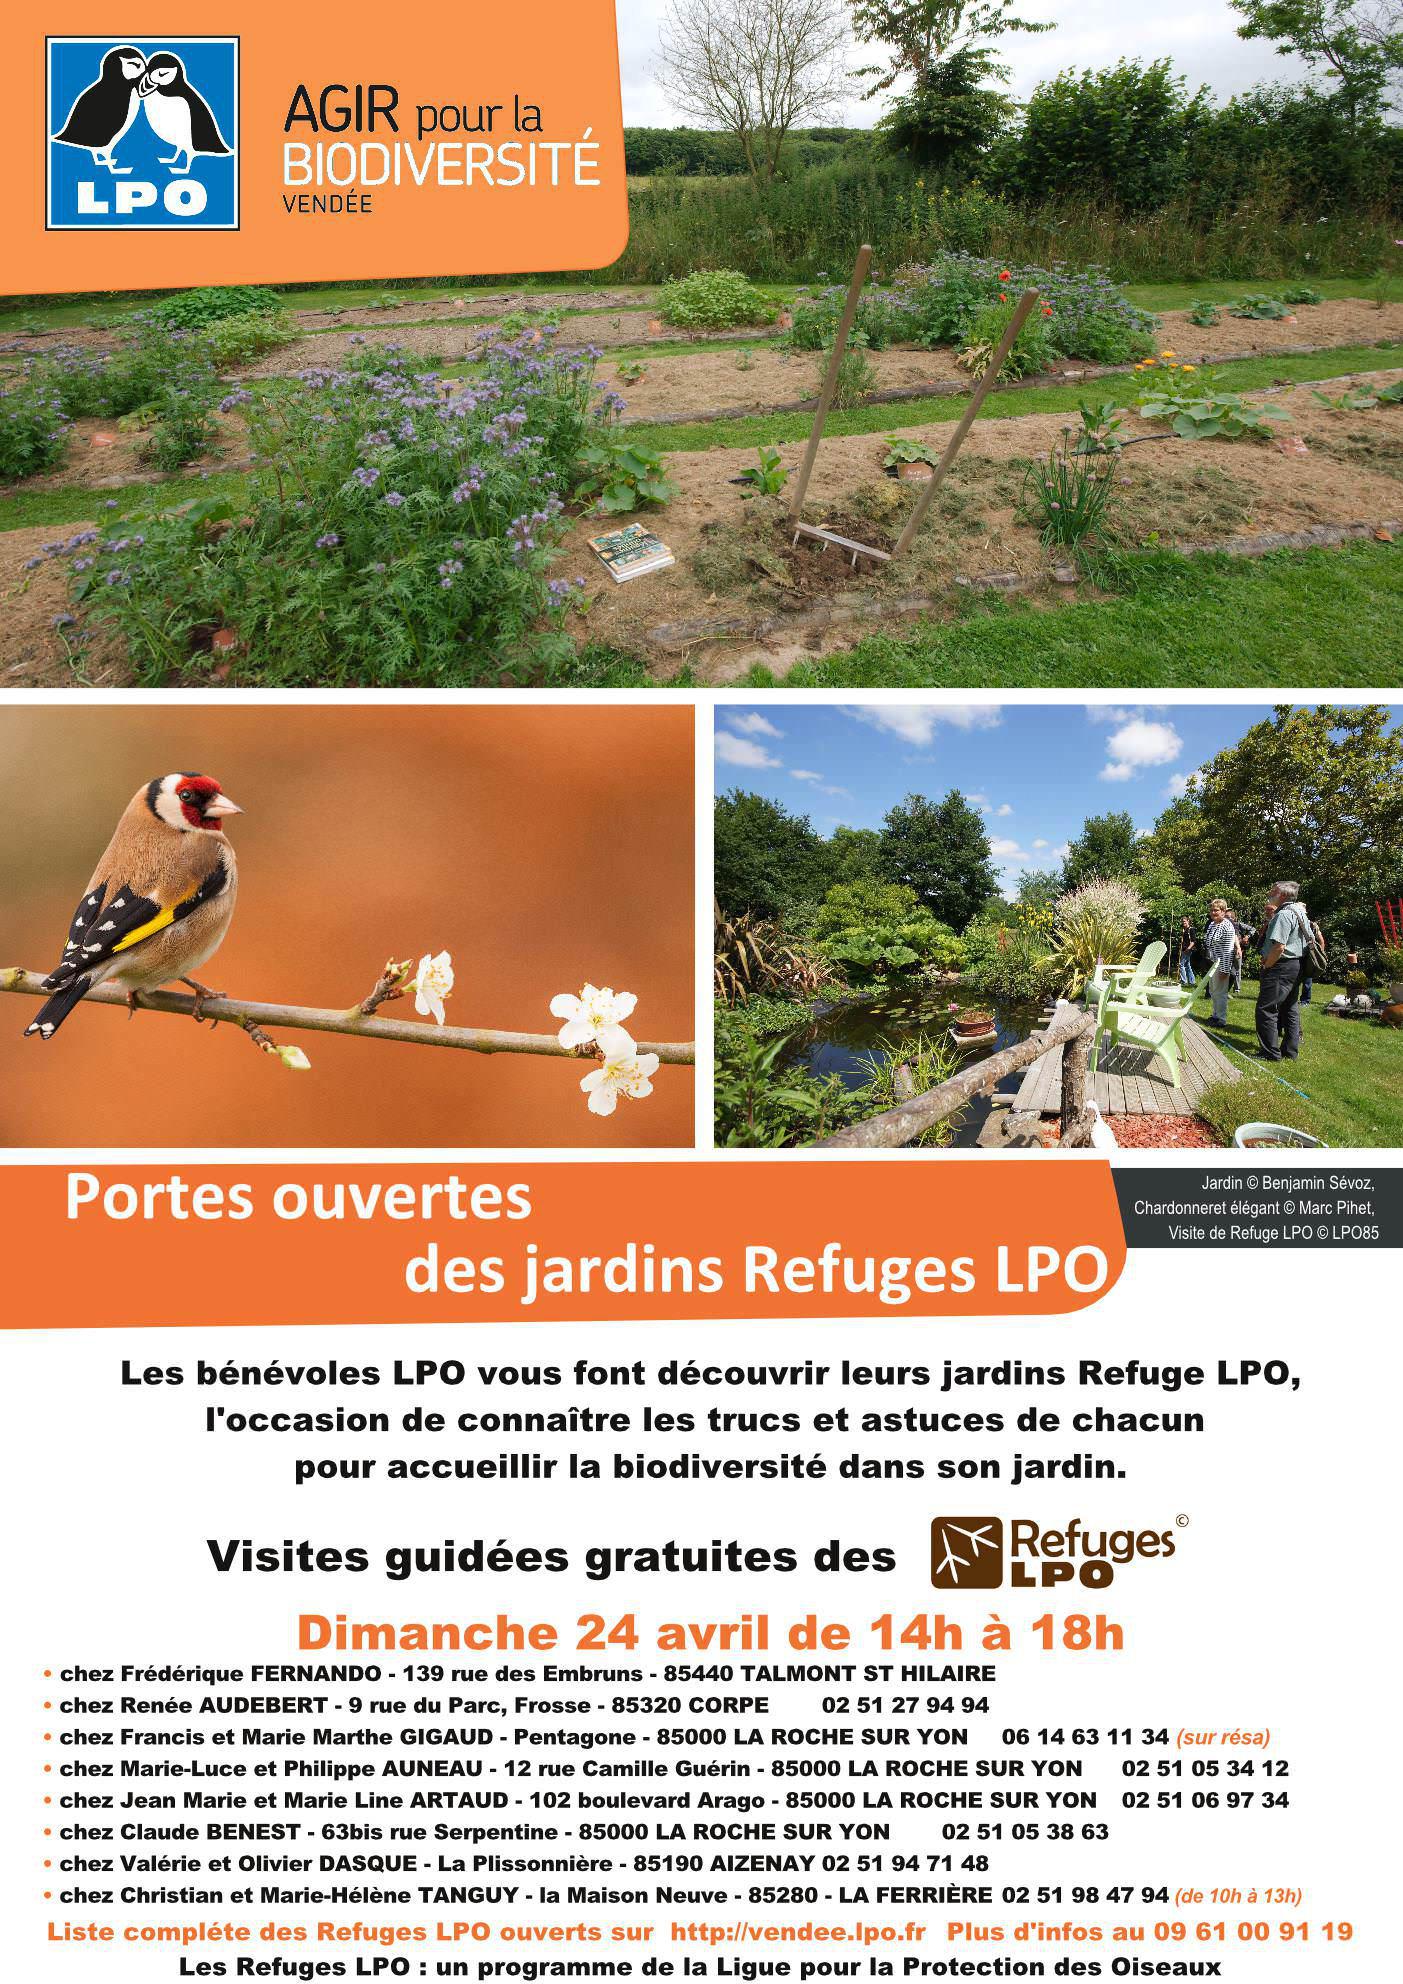 Portes ouvertes du jardin Refuge LPO de Claude